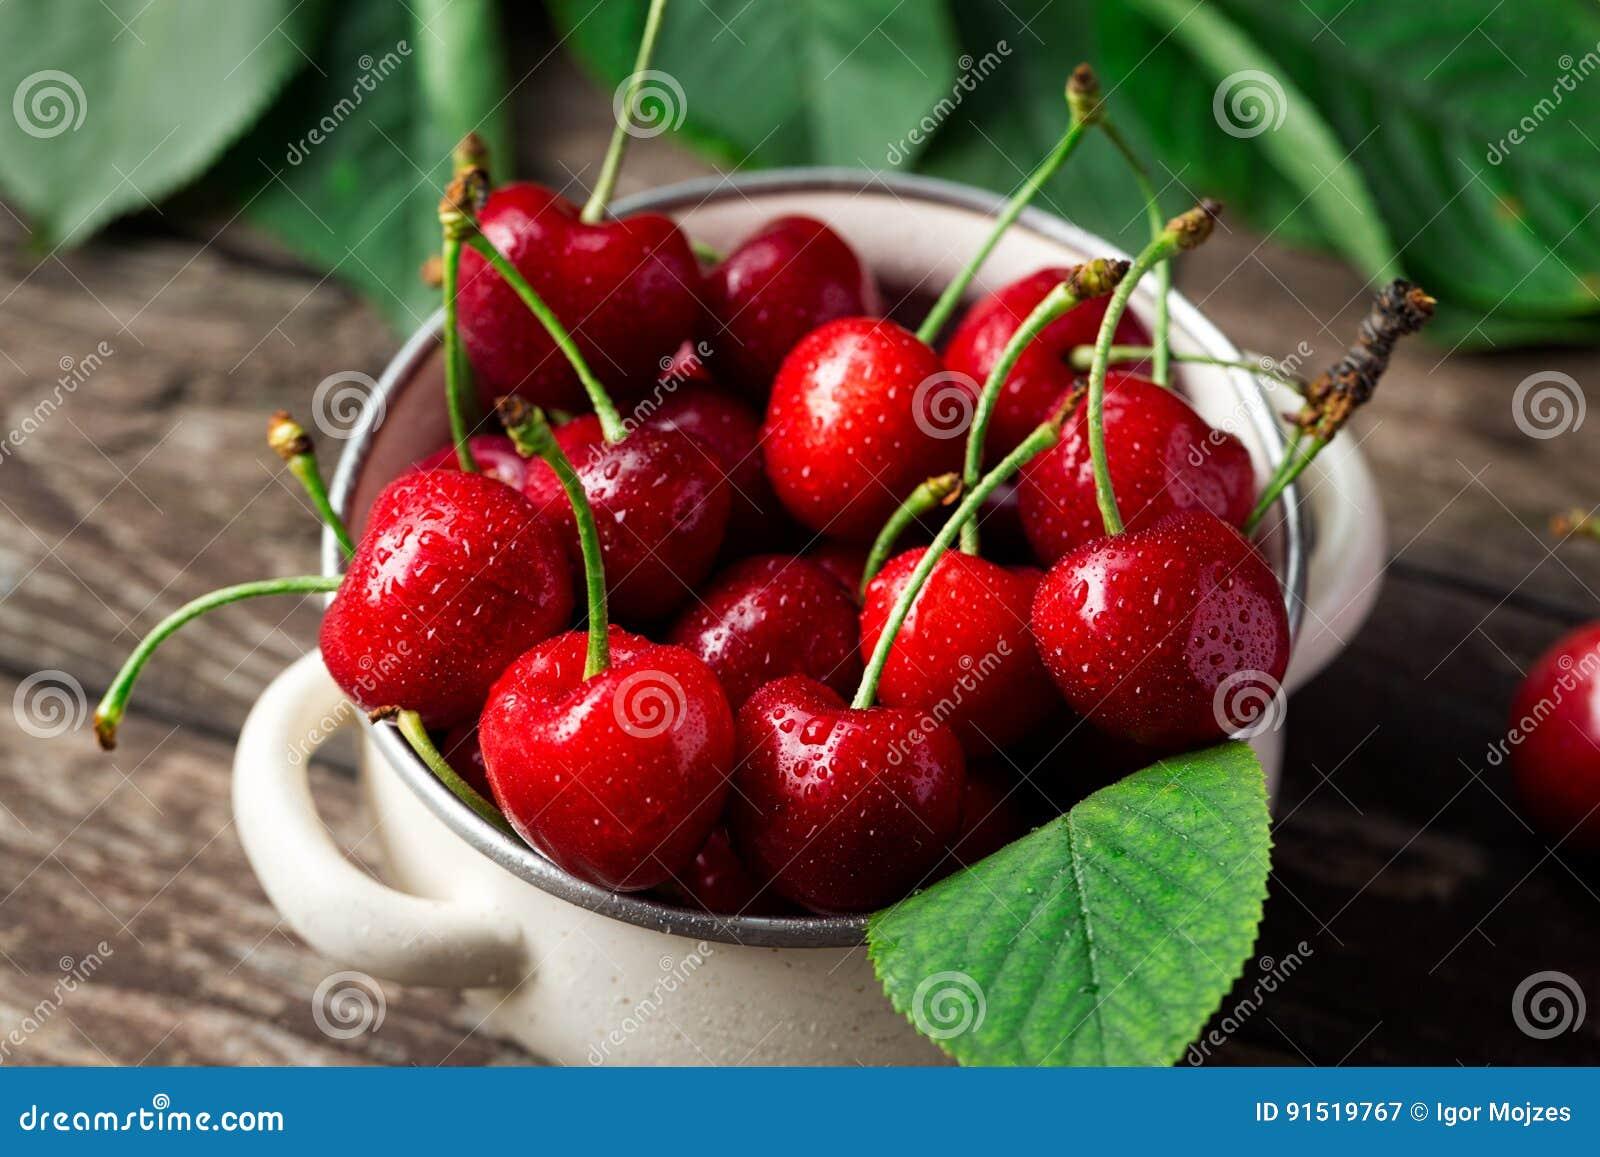 Świeżo ukradzione wiśnie w pucharze